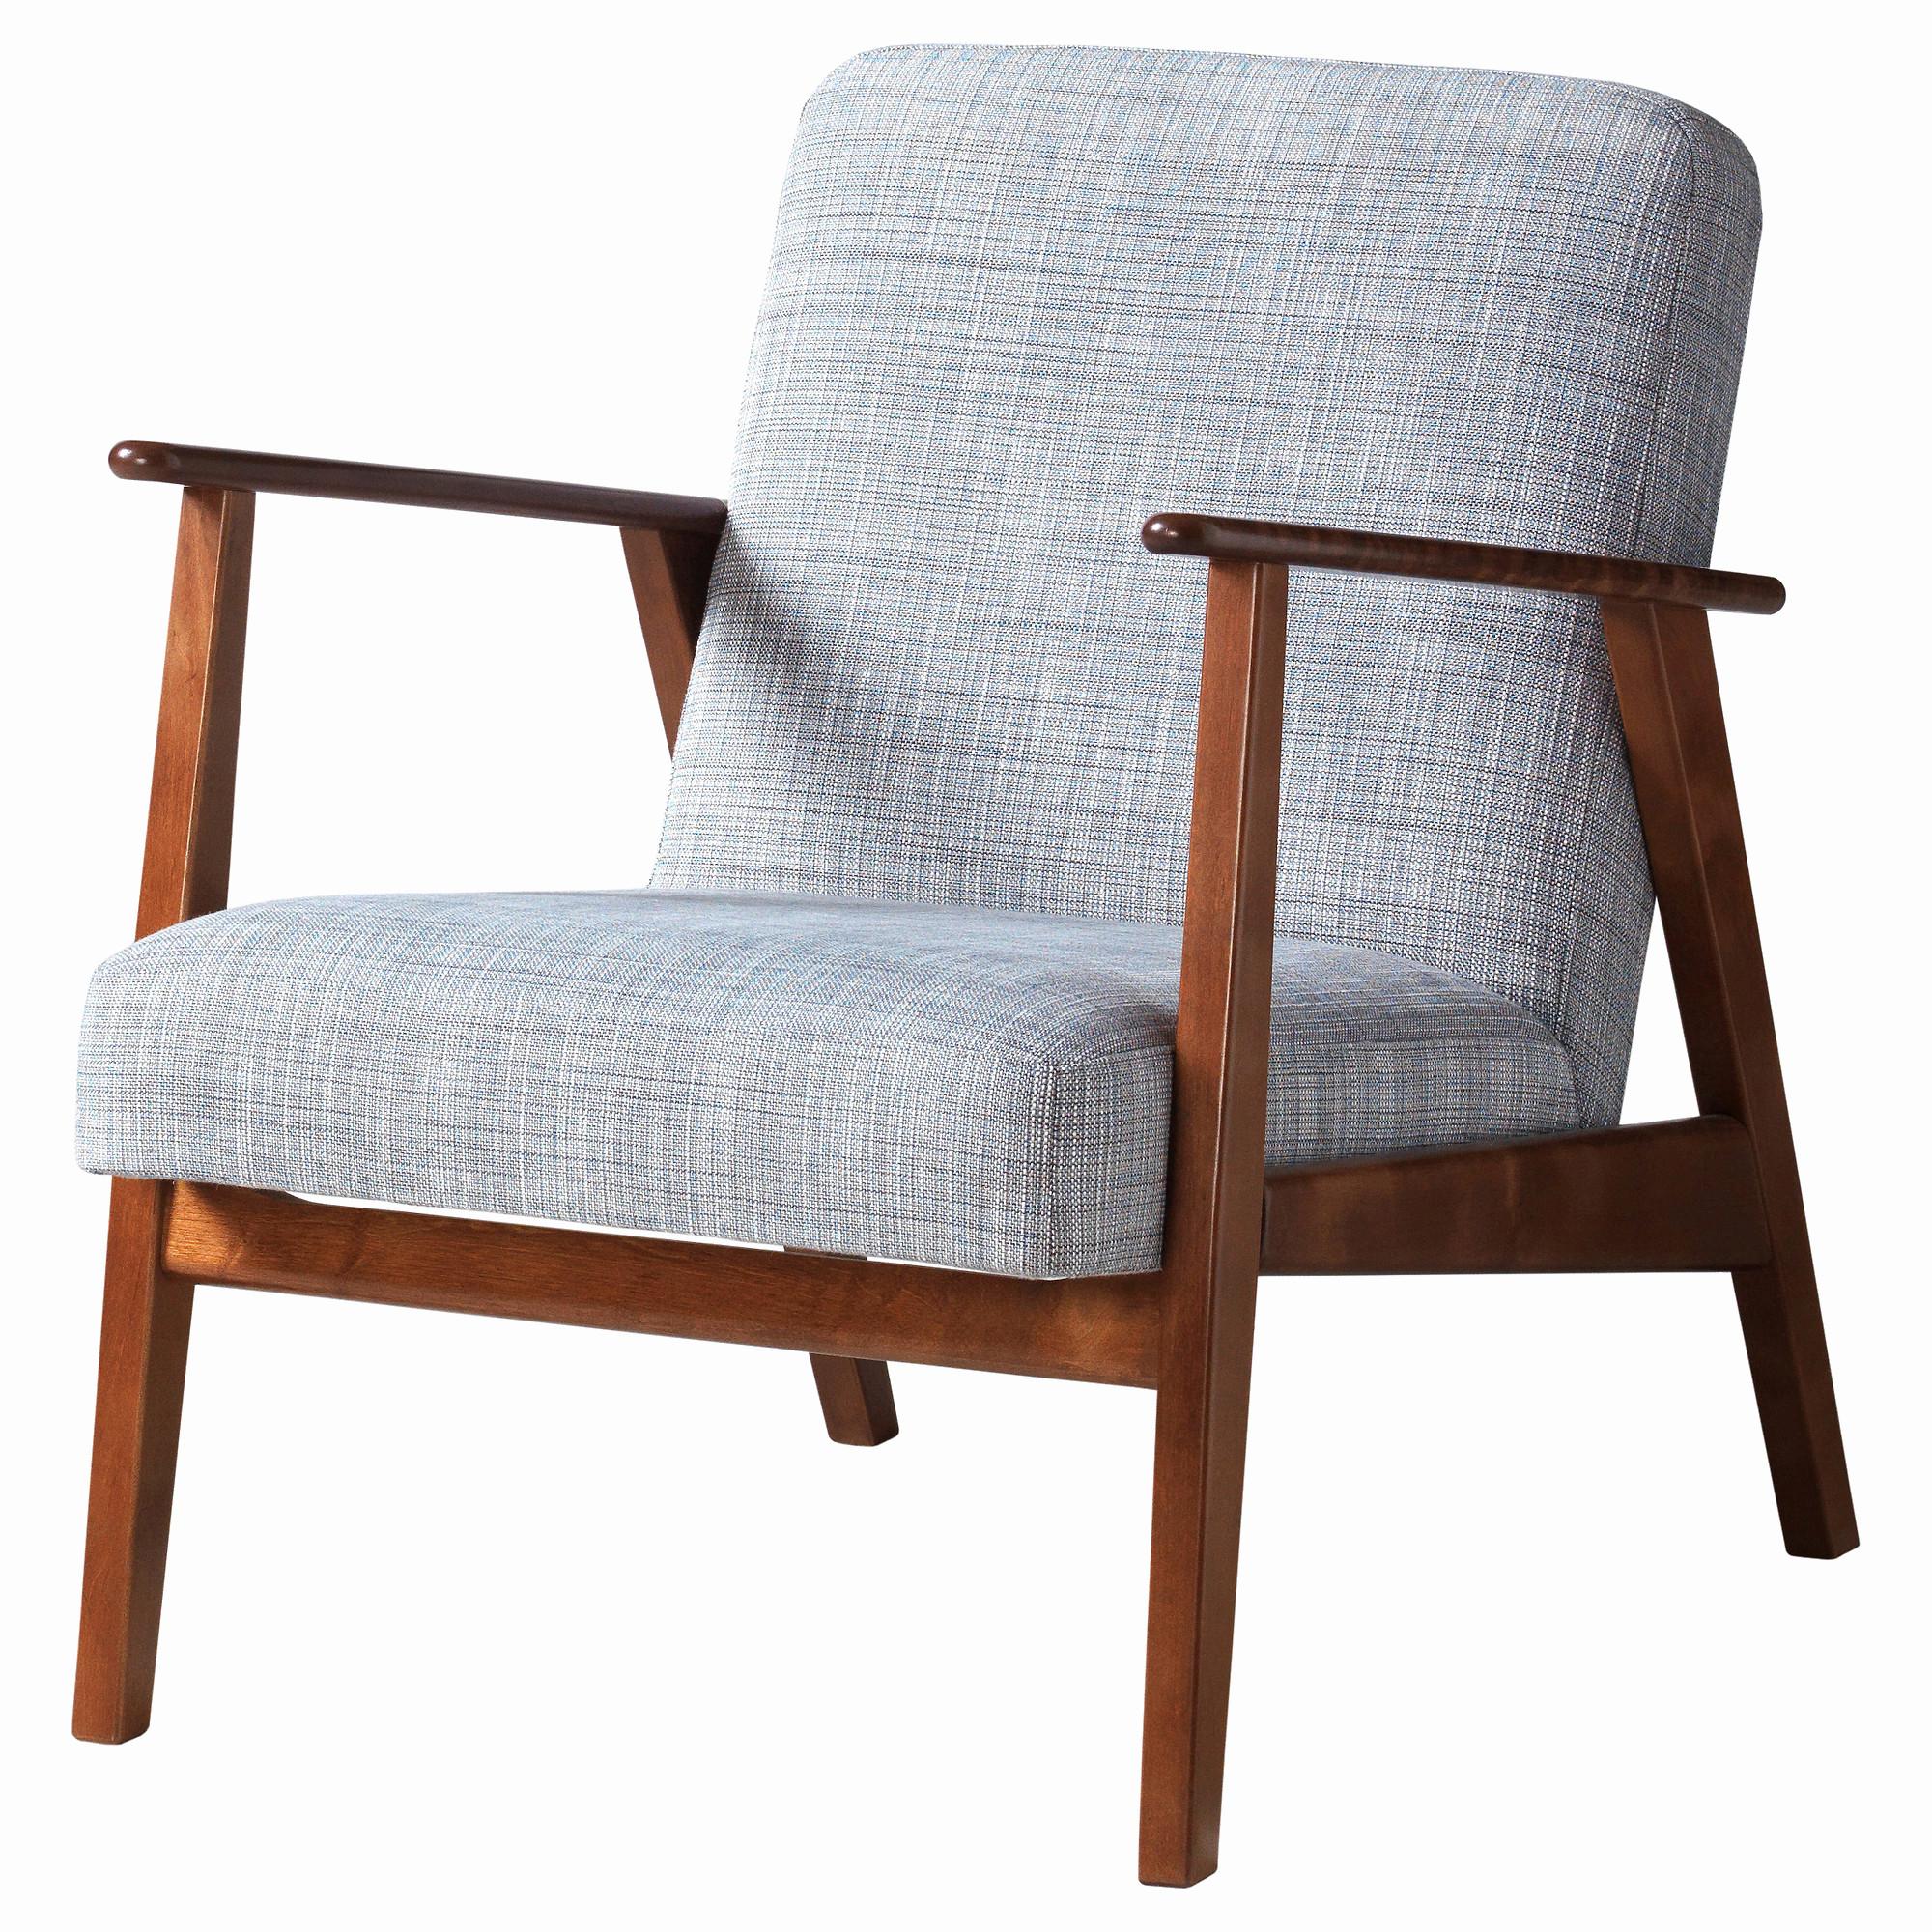 Chaises De Jardin Ikea Nouveau Collection Chaise De Jardin Ikea Ainsi Que Finest Chaise Vintage Ikea Génial